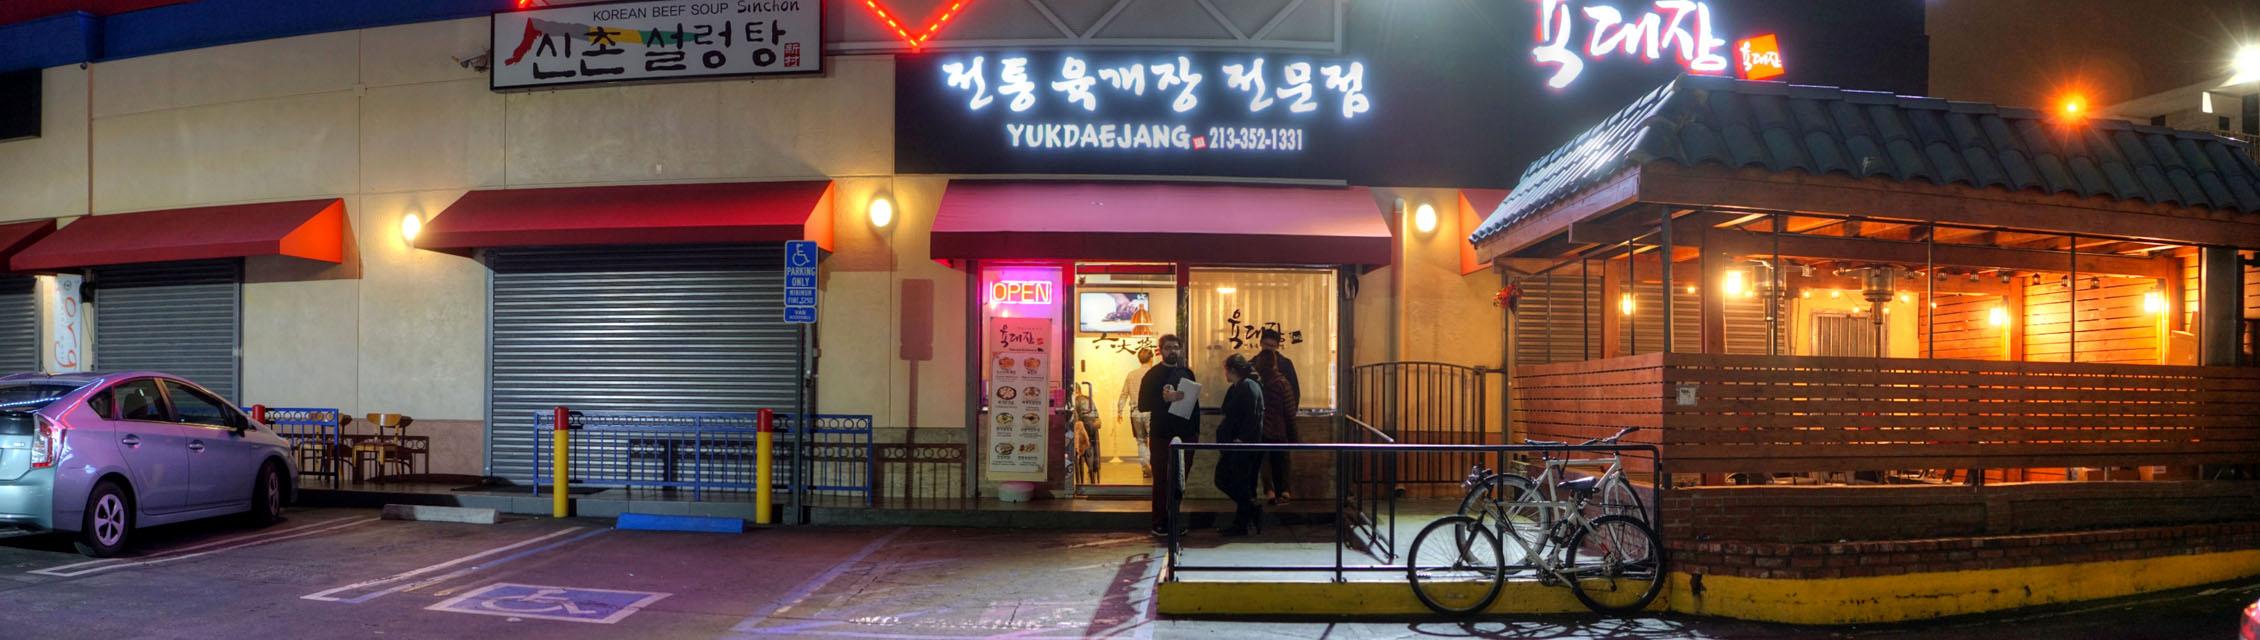 Yuk Dae Jang Exterior